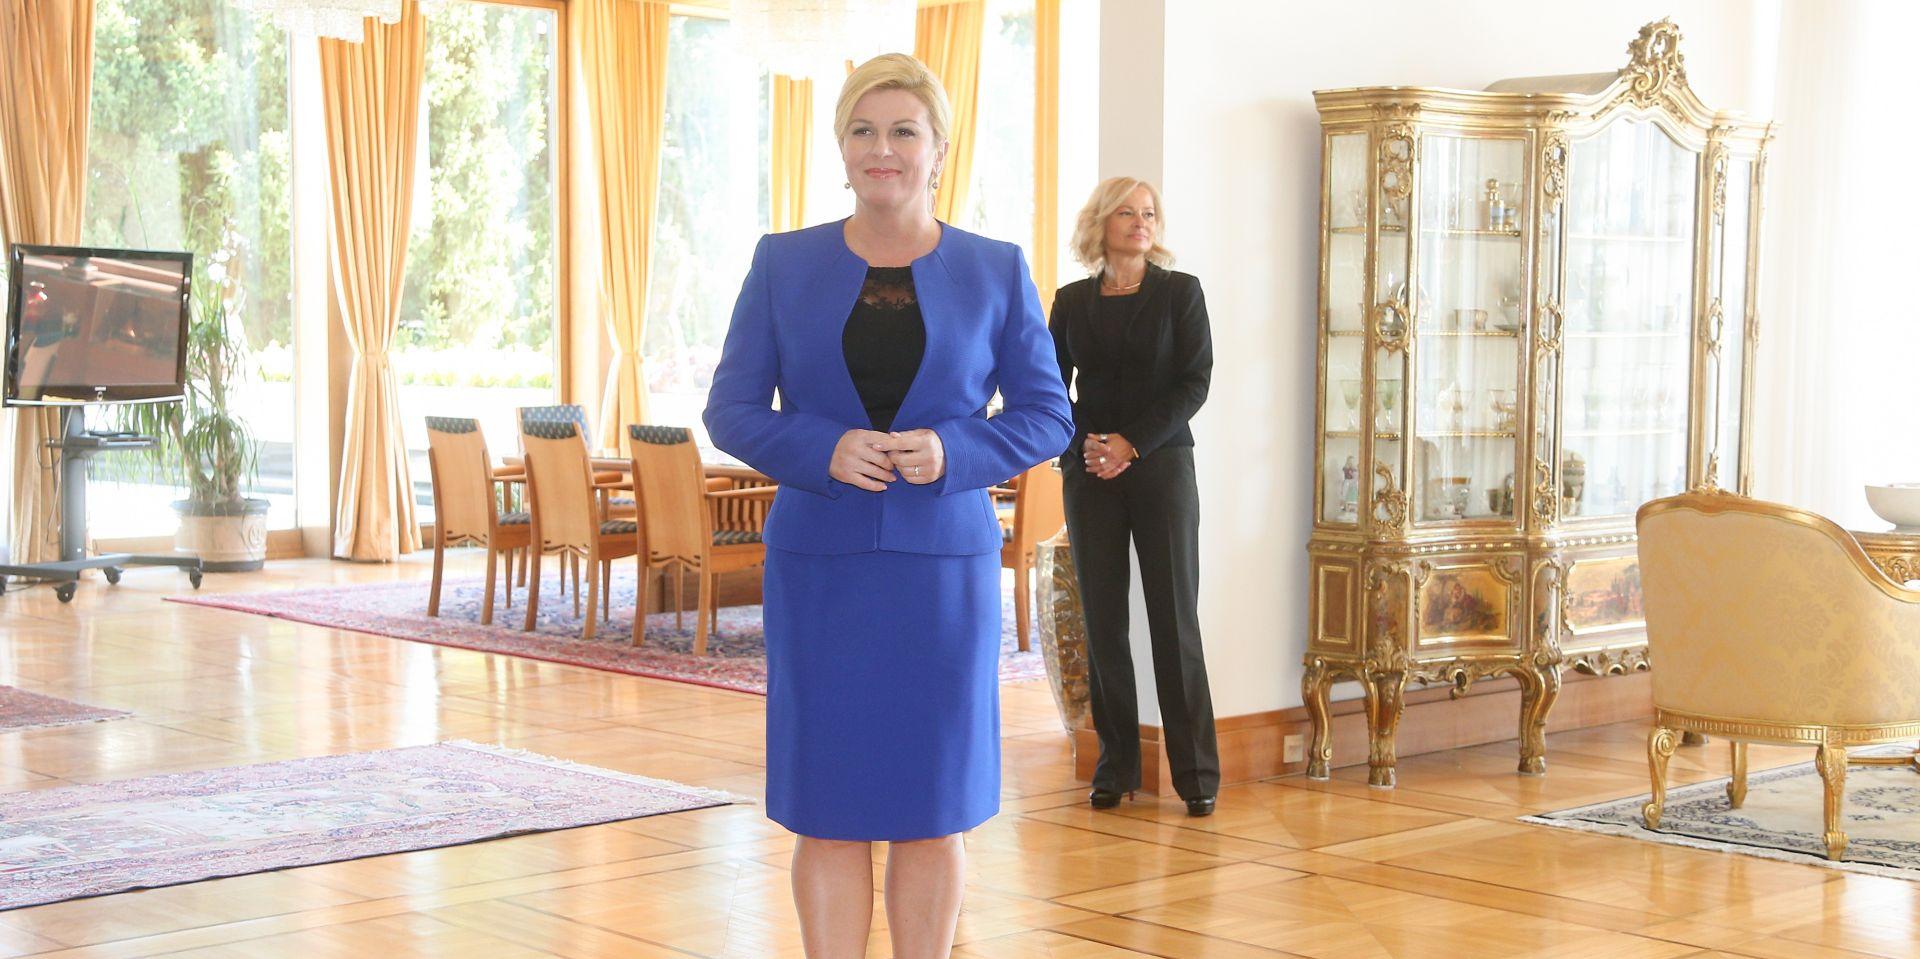 ZELENO SVJETLO Grabar-Kitarović razgovarala sa švicarskim predsjednikom